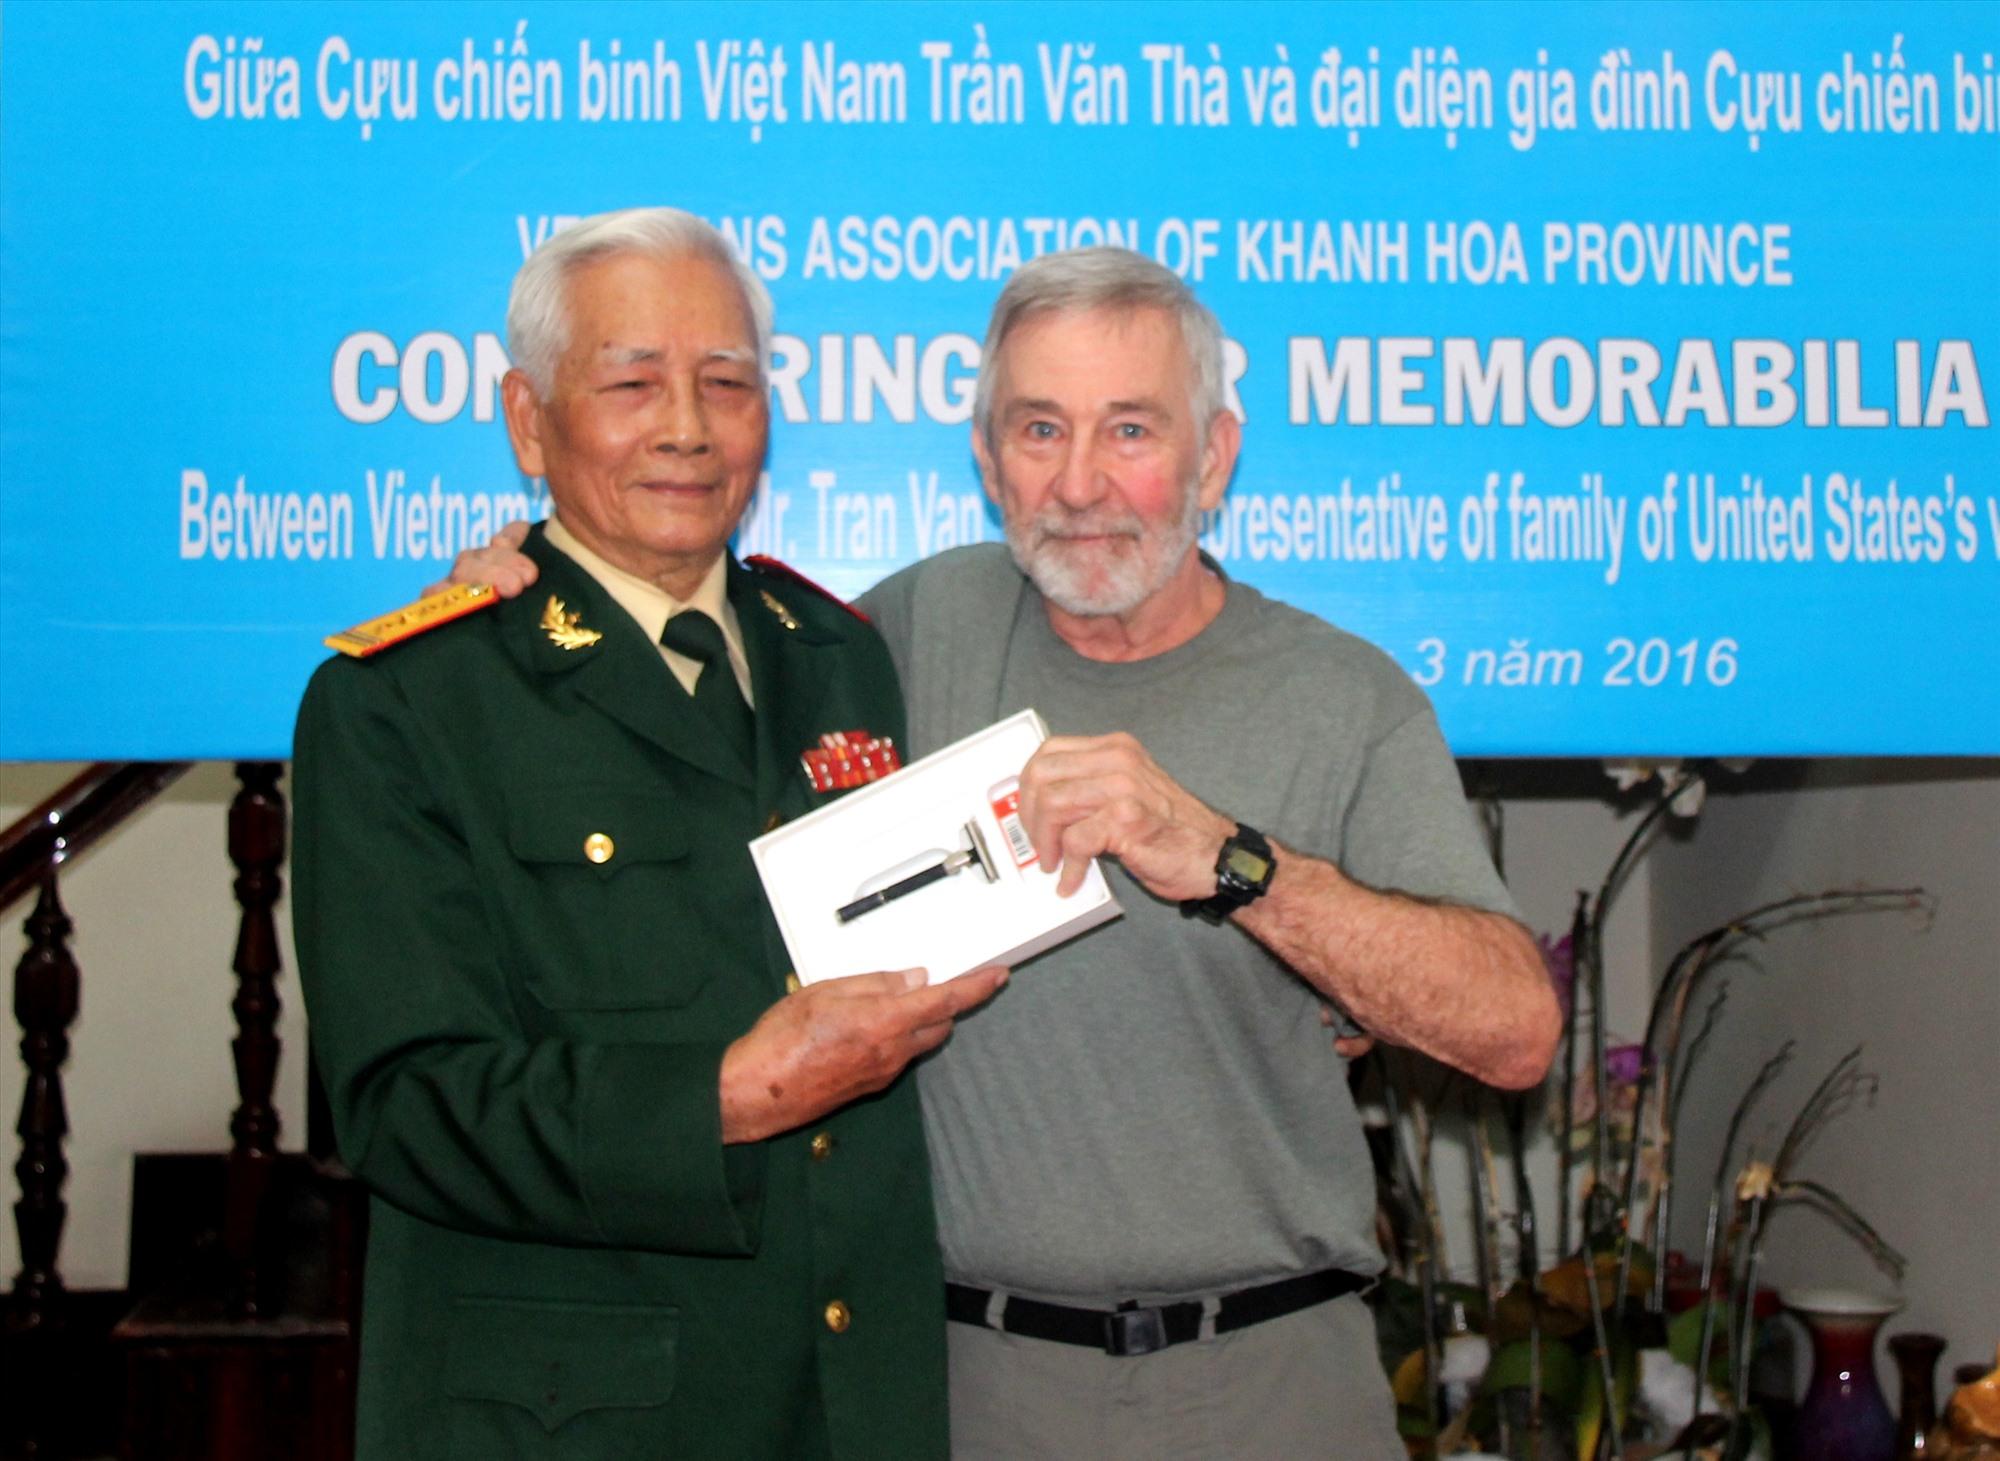 Đại tá Trần Văn Thà trao lại kỷ vật cho một cựu binh Mỹ.